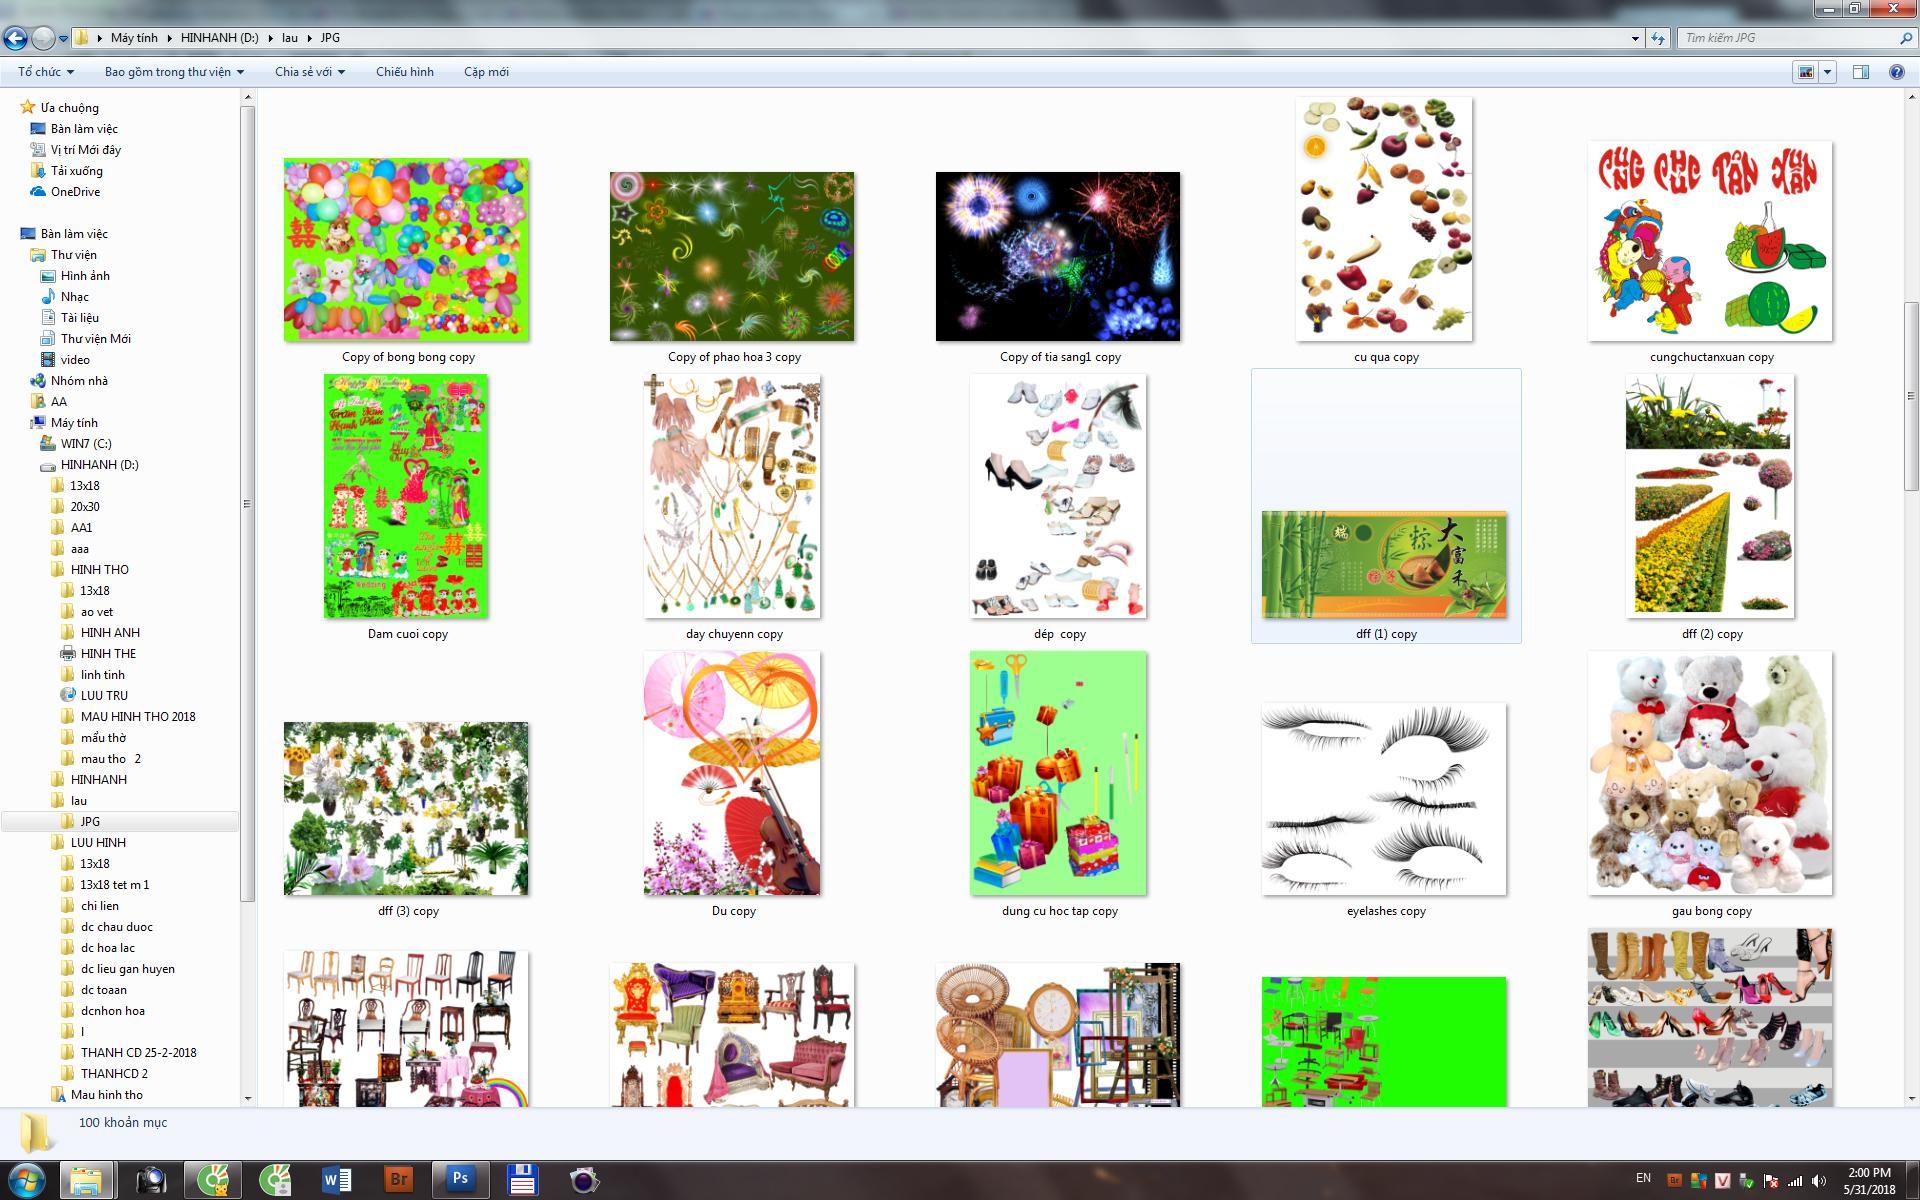 Đĩa DVD Tư liệu PSD ghép ảnh Photoshop cho ngành nhiếp ảnh Phần 1